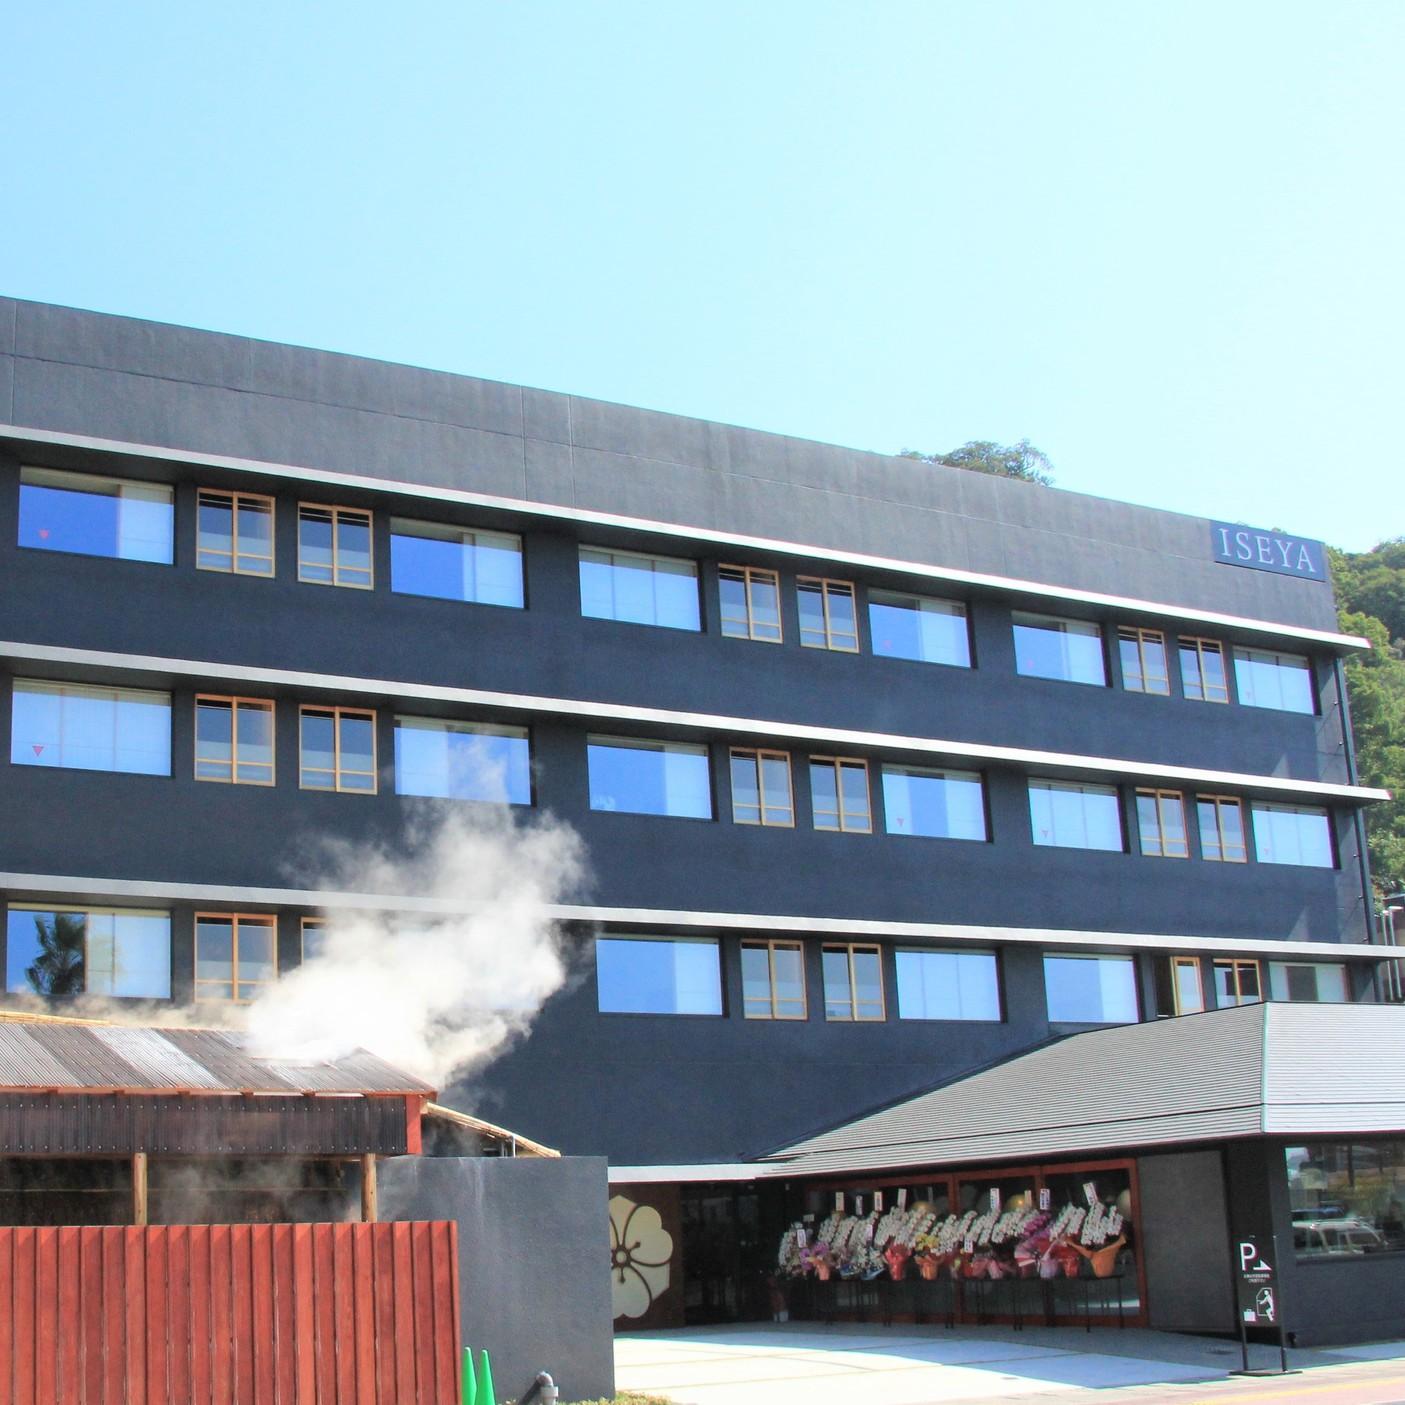 創業三百四十余年 長崎一の歴史を誇る老舗旅館 小浜 伊勢屋旅館